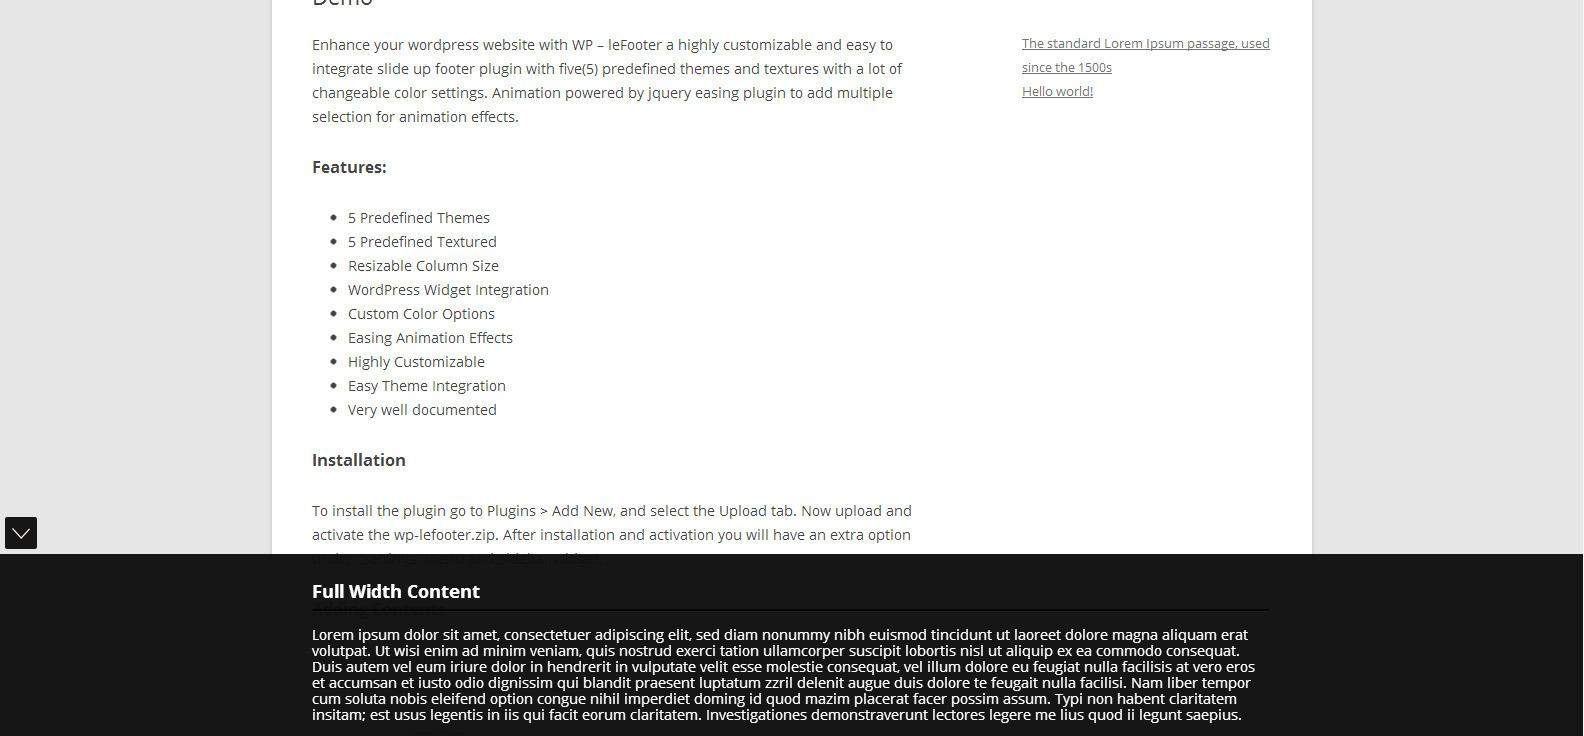 WP leFooter - WordPress SlideUp Footer Plugin